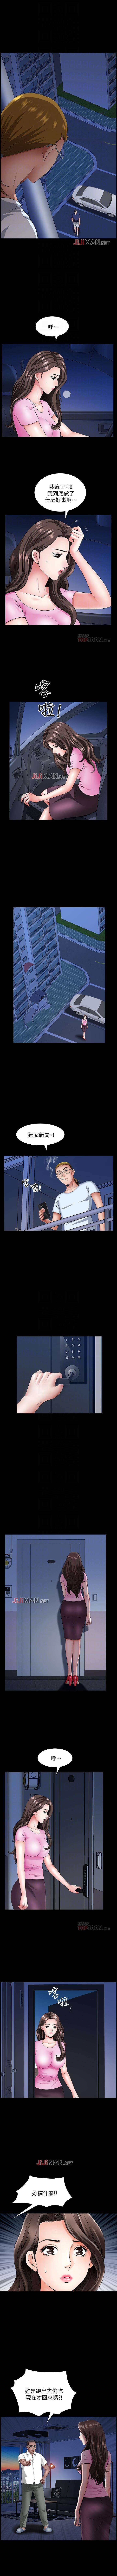 【周日连载】双妻生活(作者:skyso) 第1~23话 89